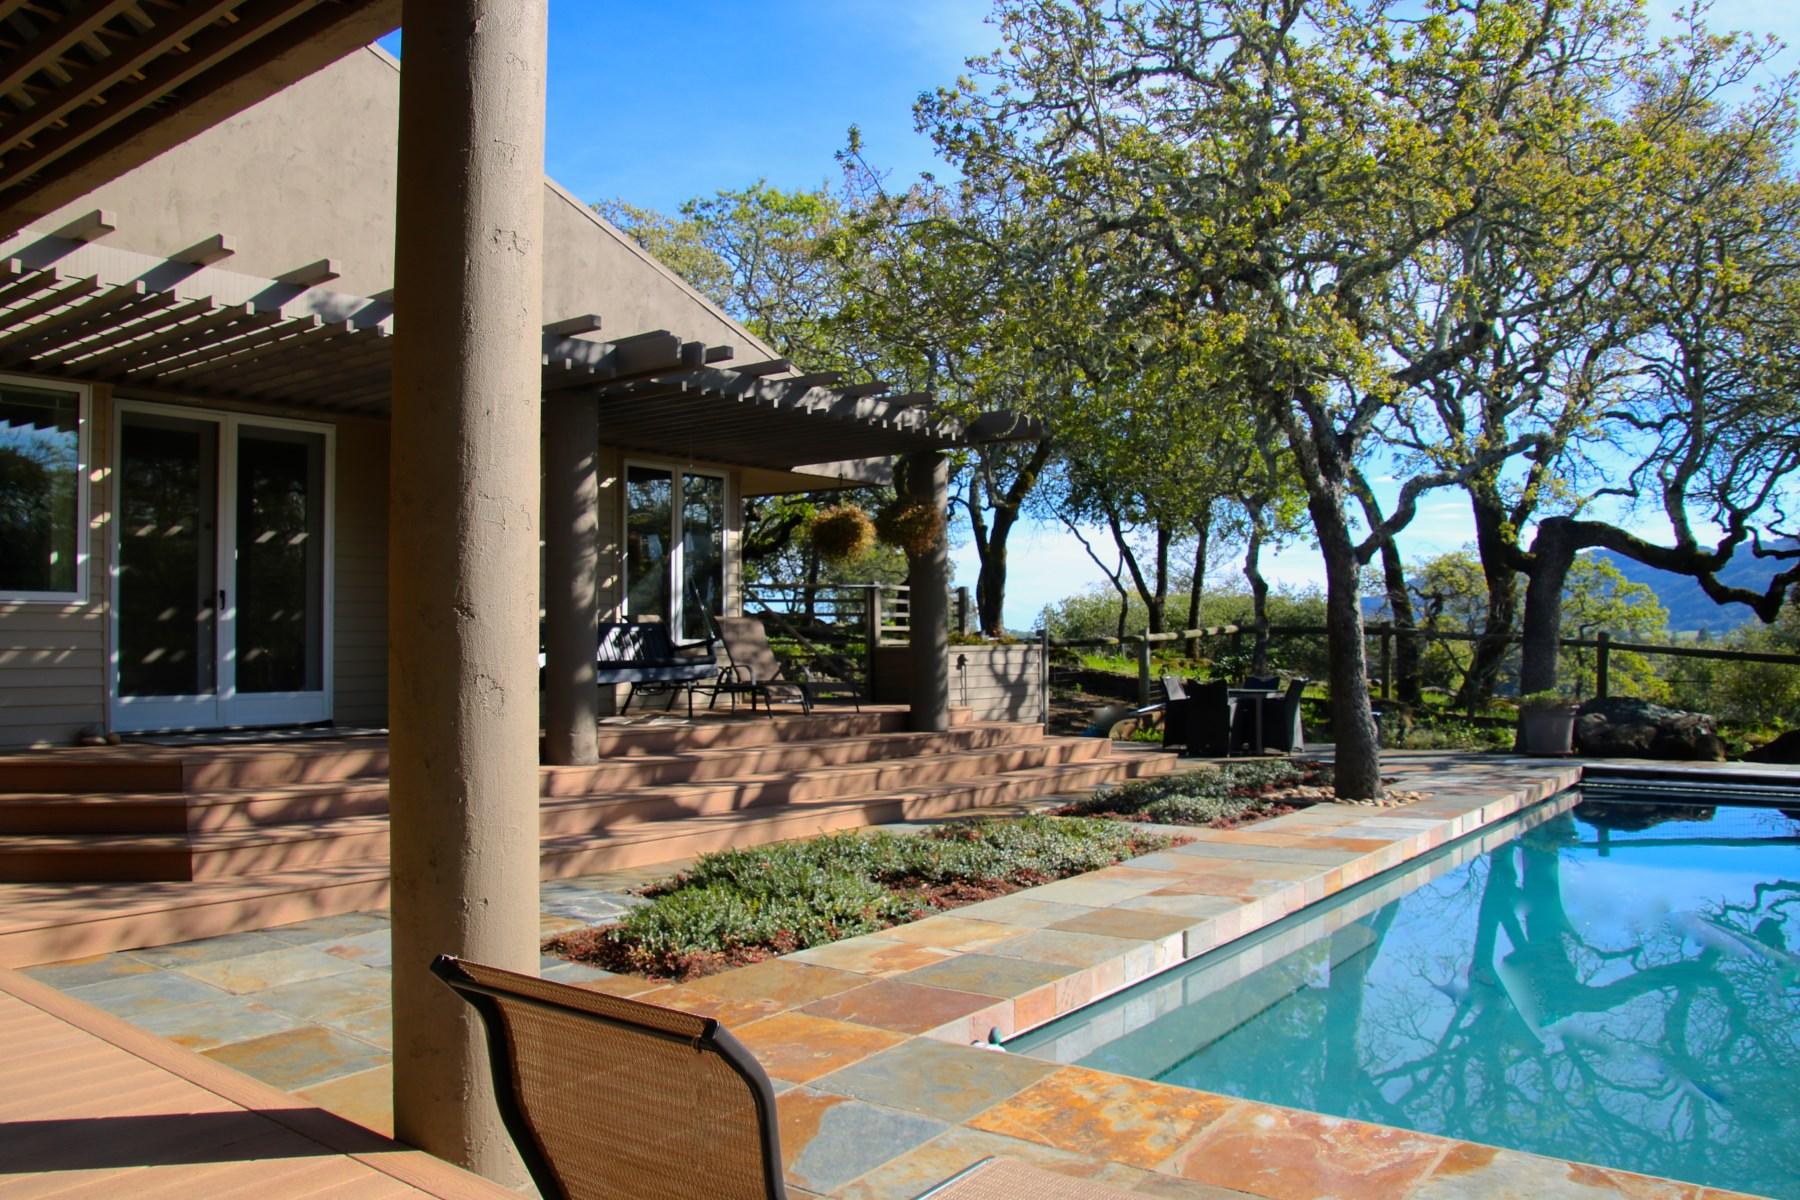 Moradia para Venda às Kenwood Vista Estates Getaway 700 Via Roble Kenwood, Califórnia, 95452 Estados Unidos